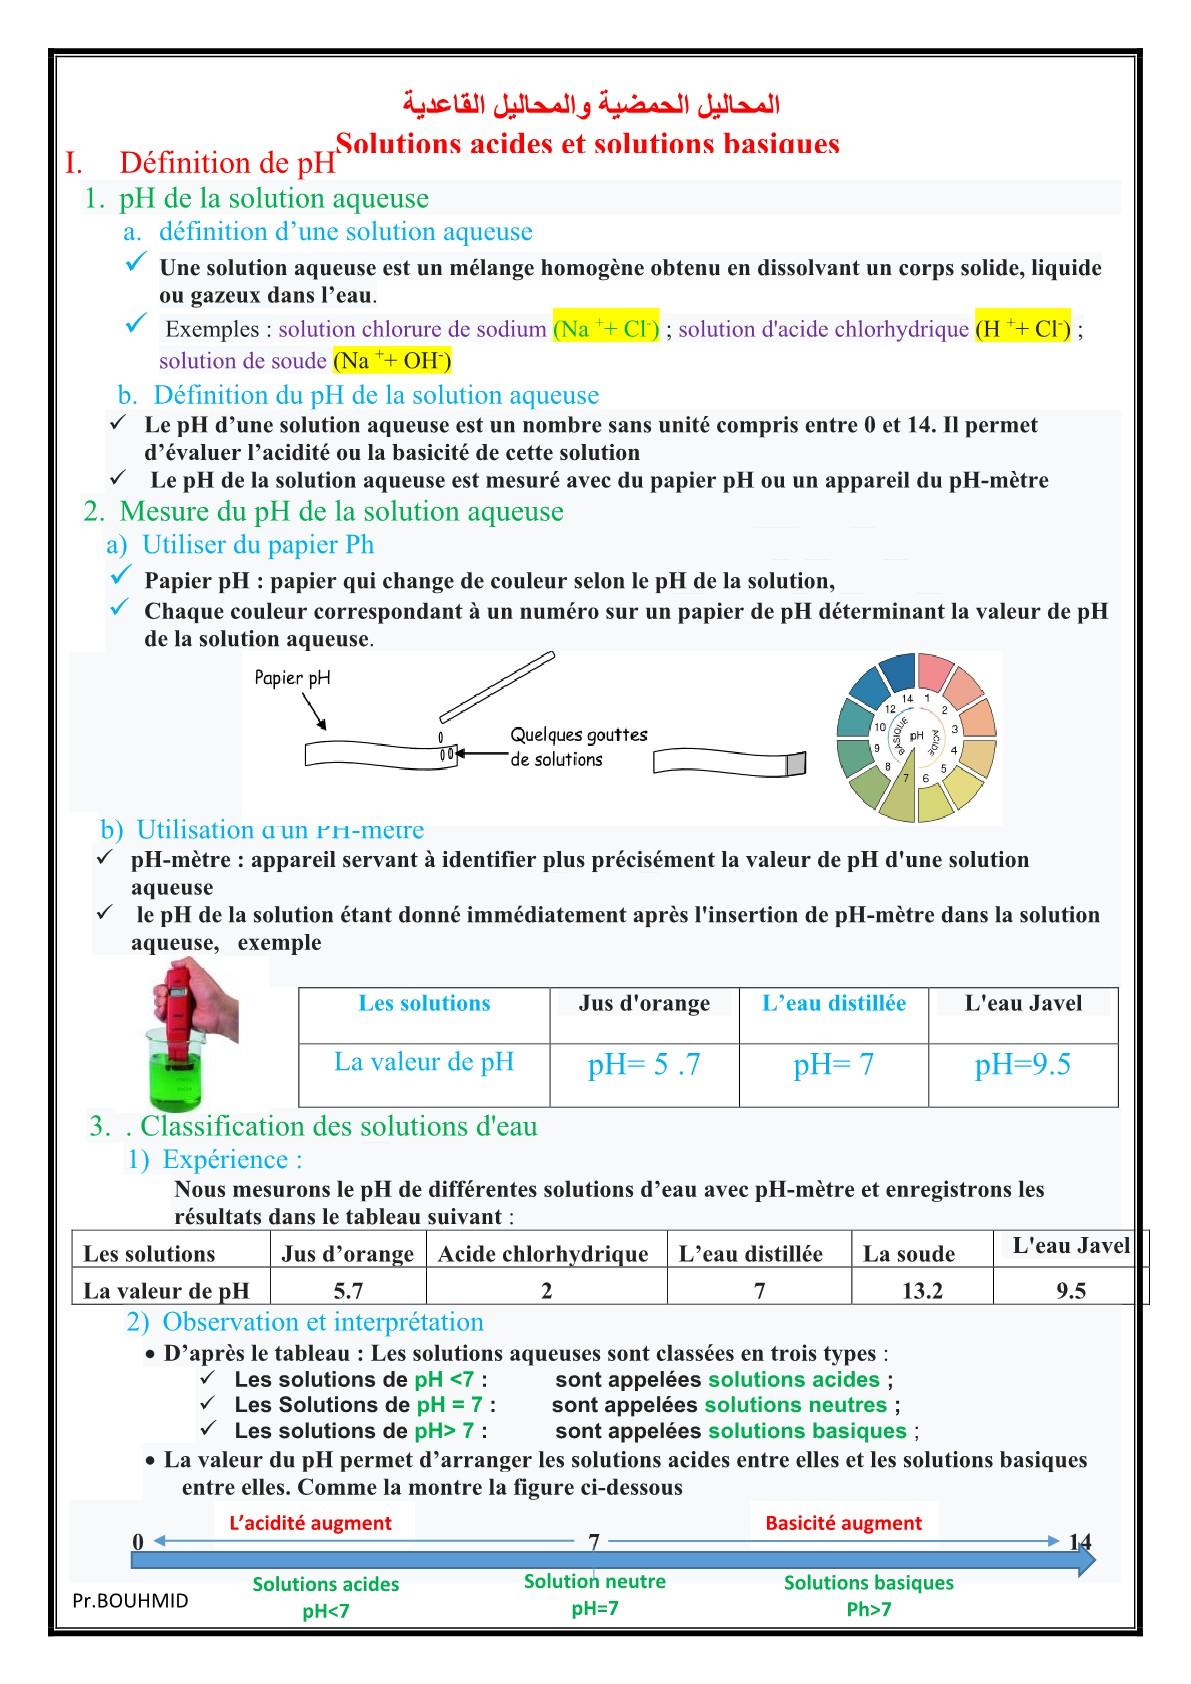 درس Les solutions acides et basiques للسنة الثالثة إعدادي